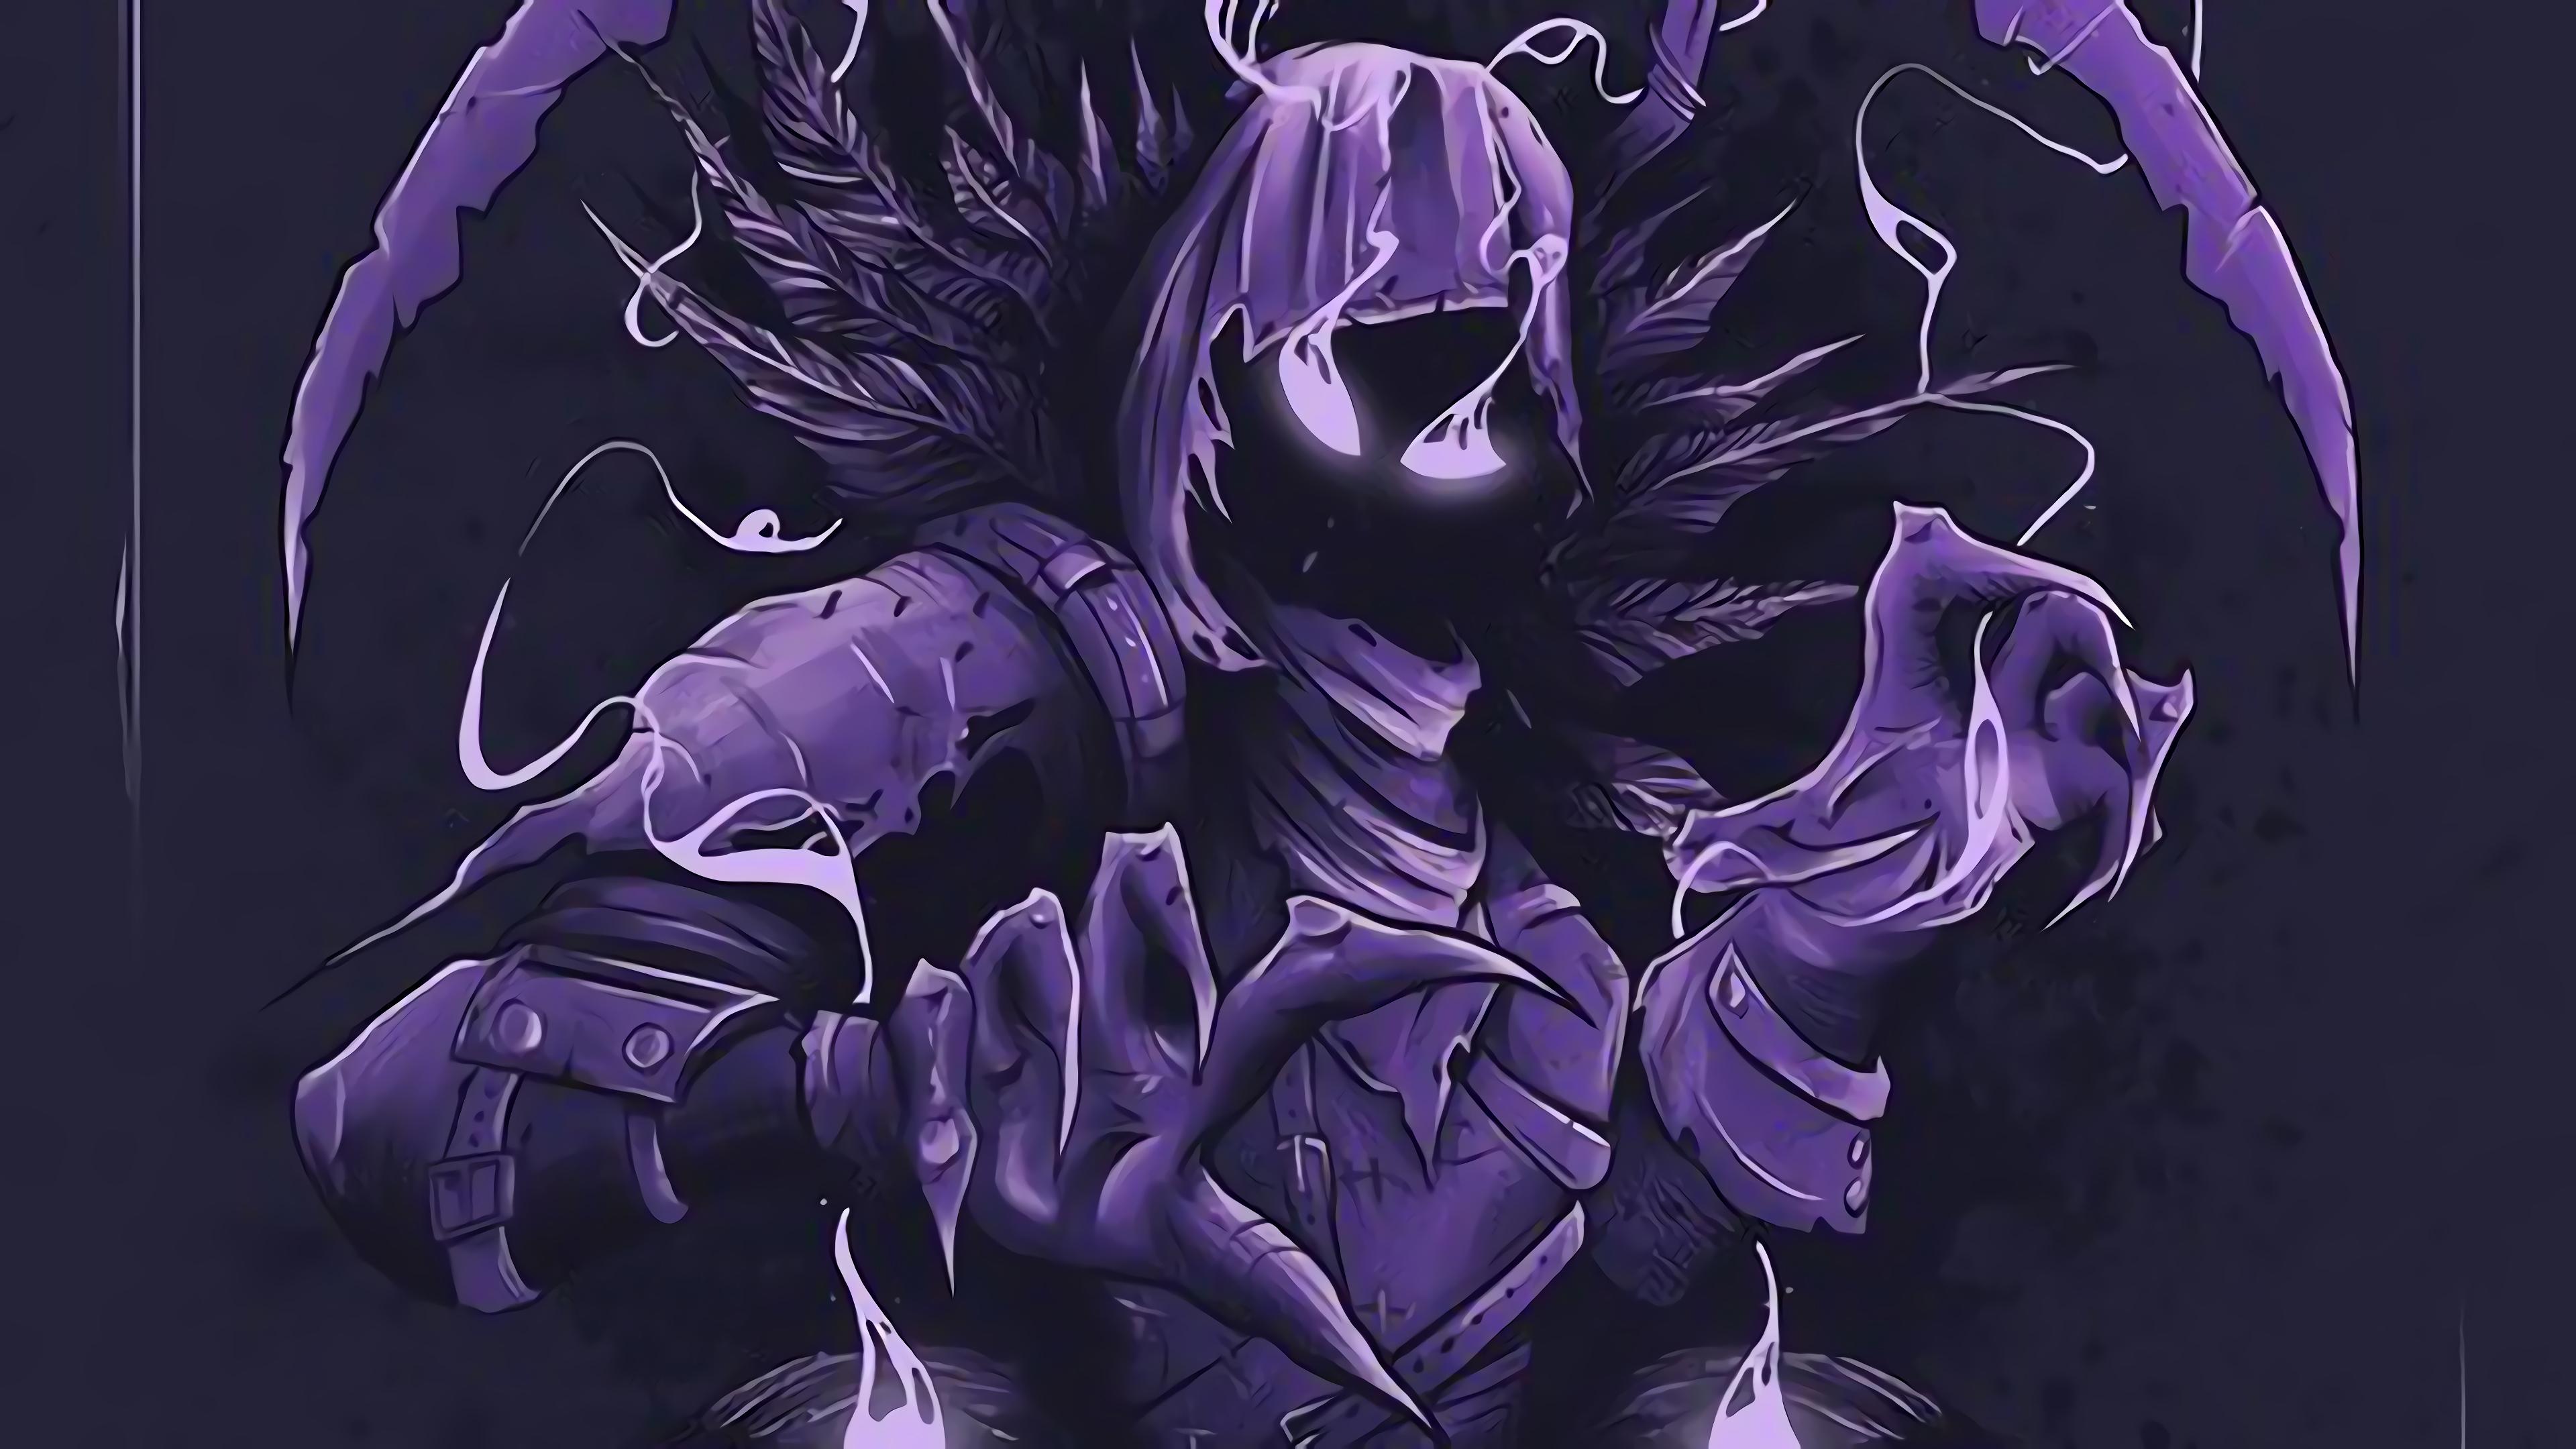 Fortnite Battle Royale Raven Art 4K 10537 3840x2160